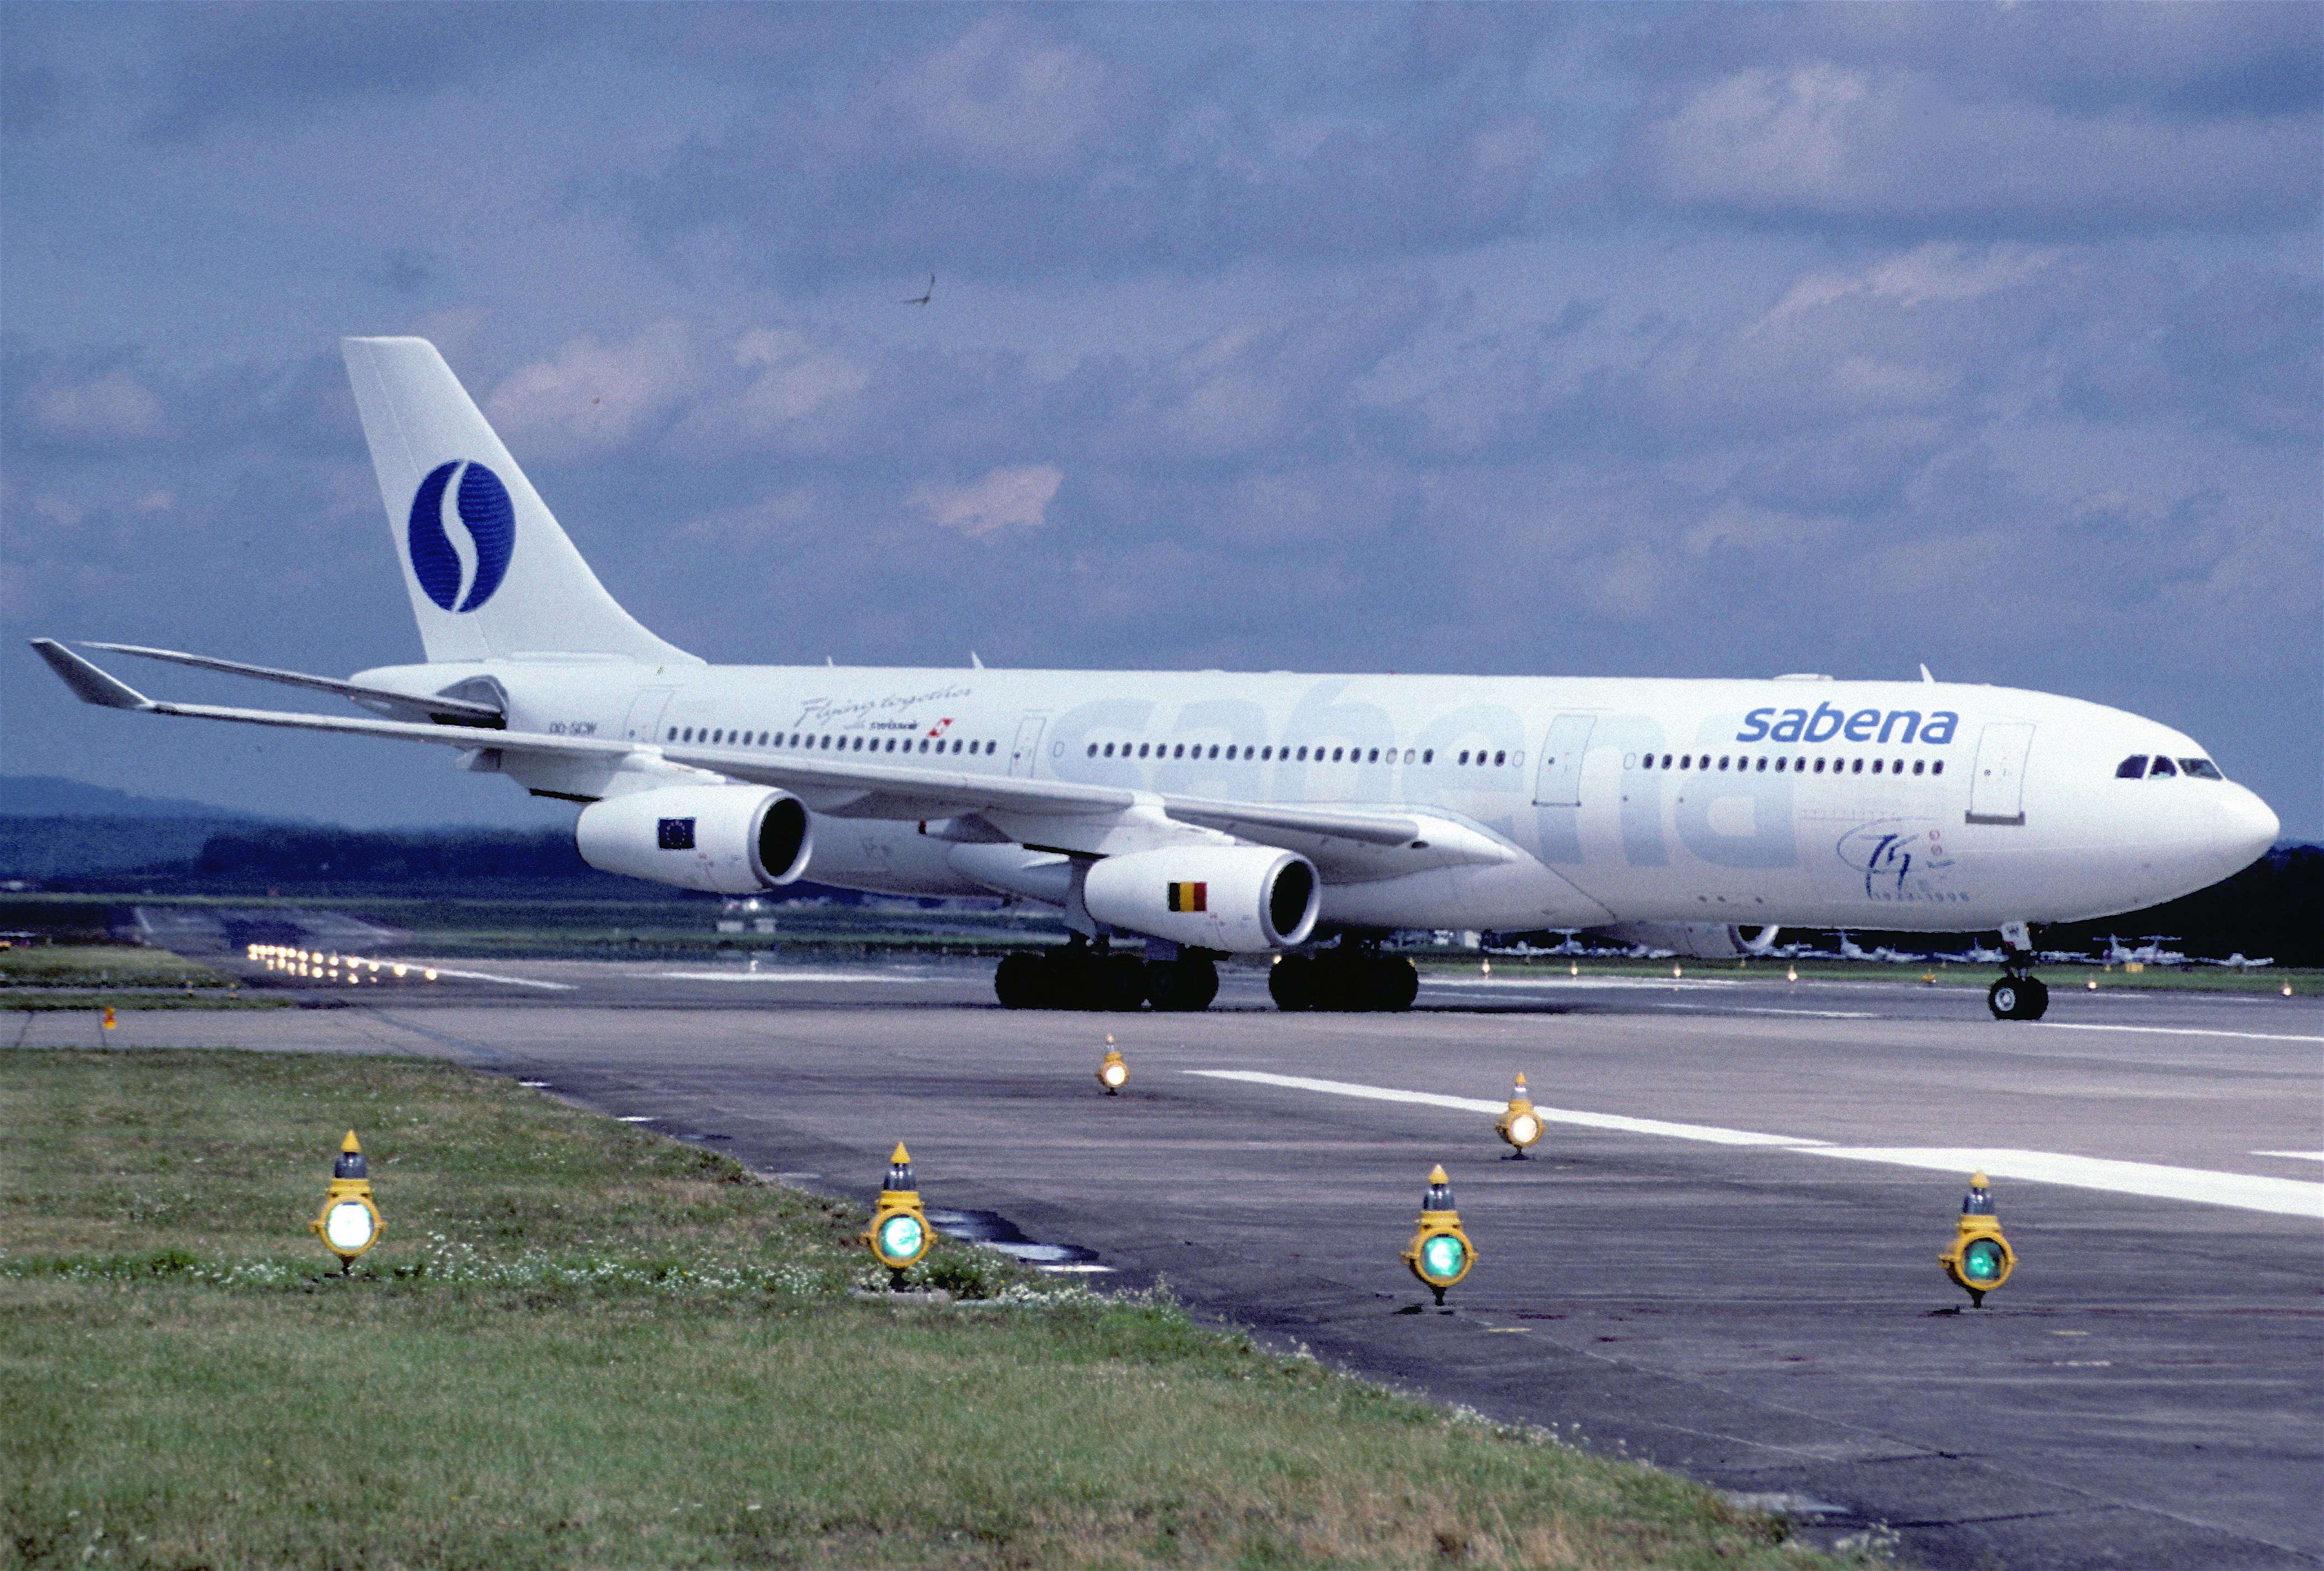 File:38bf - Sabena Airbus A340-211; OO-SCW@ZRH;23.08.1998 ...